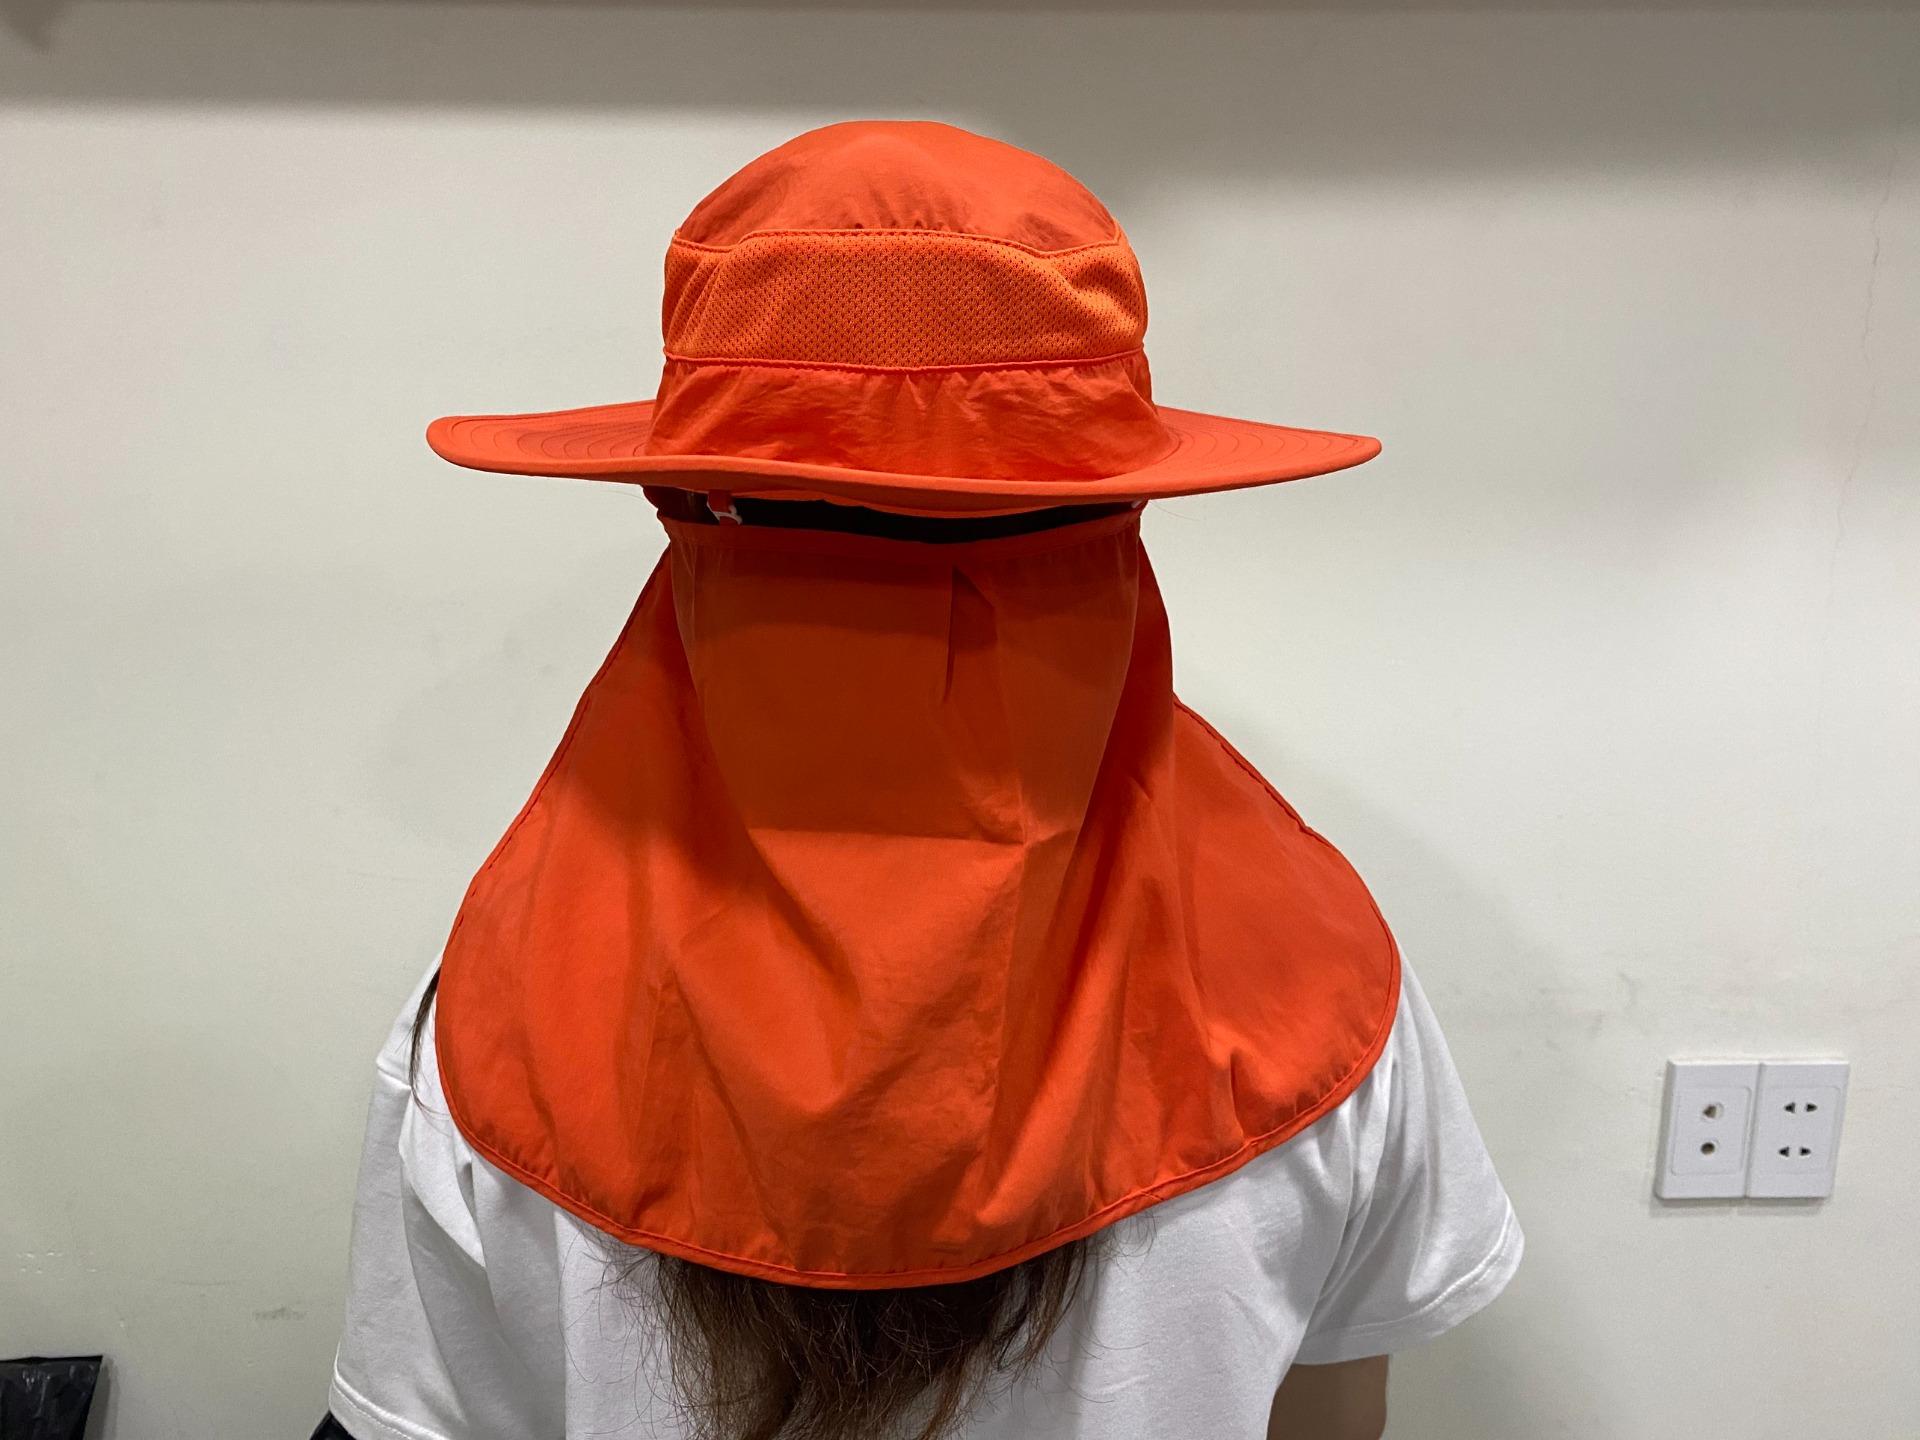 May mũ chống nắng giá rẻ tại TPHCM